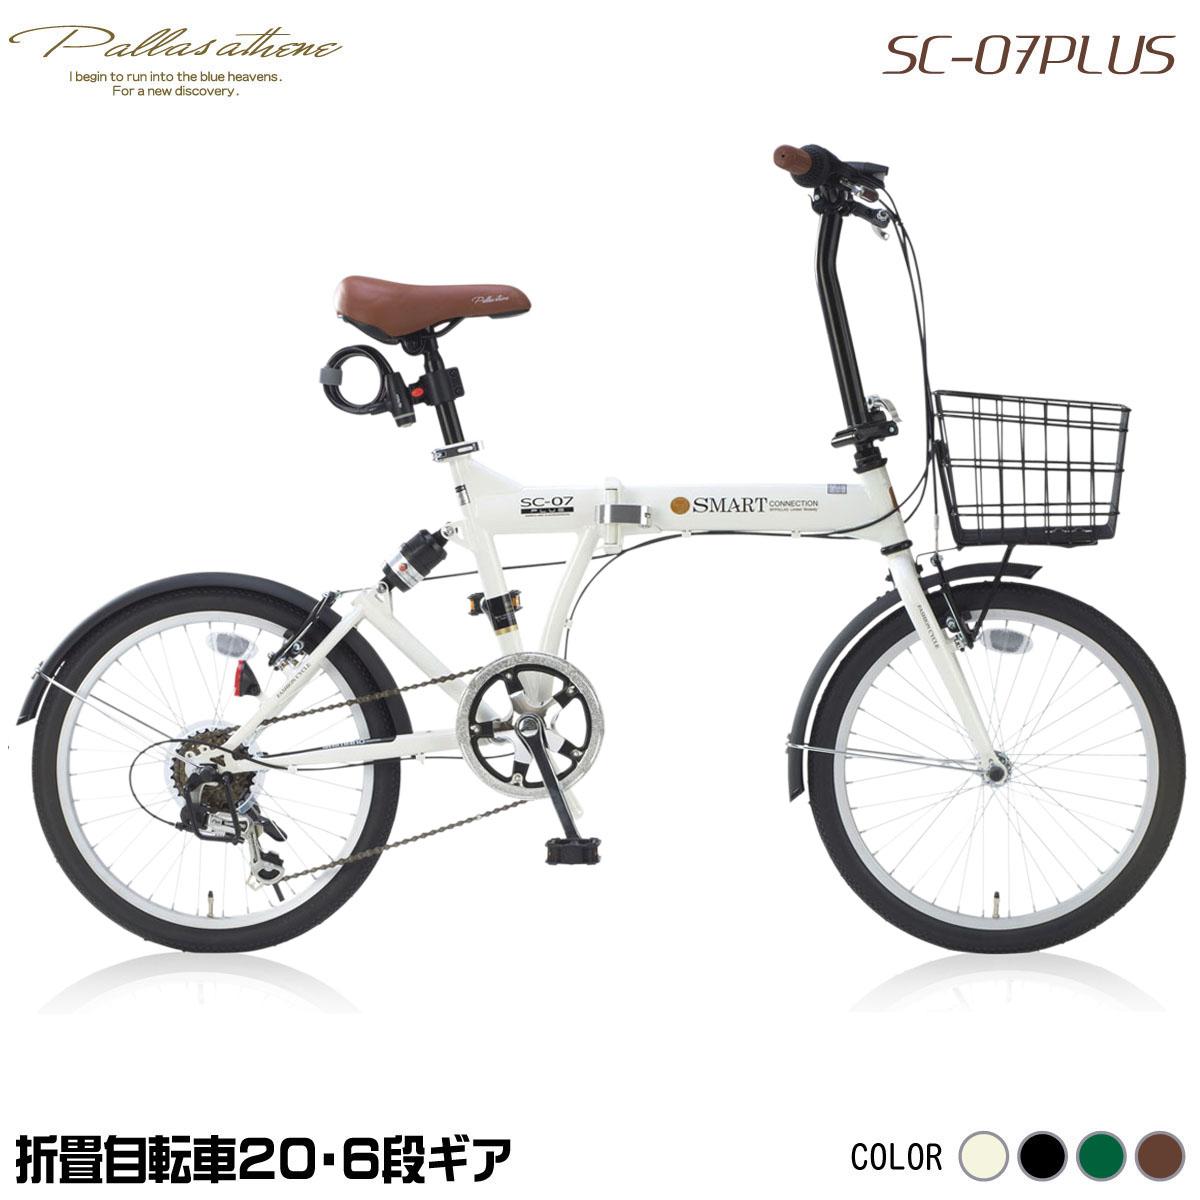 【送料無料】マイパラス SC-07PLUS-IV アイボリー [折りたたみ自転車(20インチ・6段変速)]【同梱配送不可】【代引き不可】【本州以外の配送不可】 学生 通勤 通学 春 入学 アウトドア サイクリング